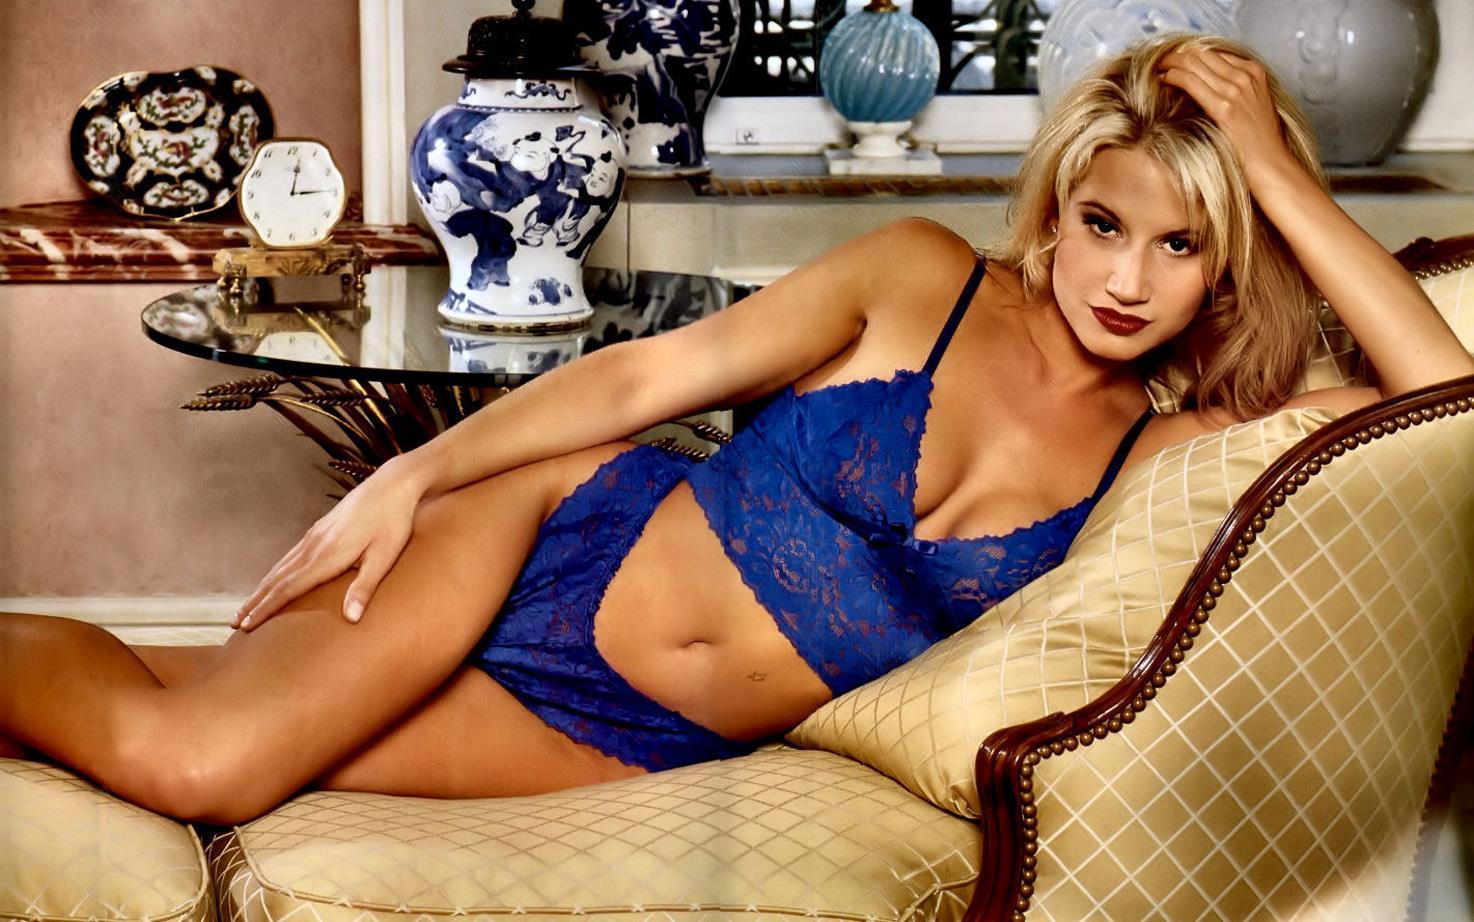 Tammy Lynn Sytch in lingerie